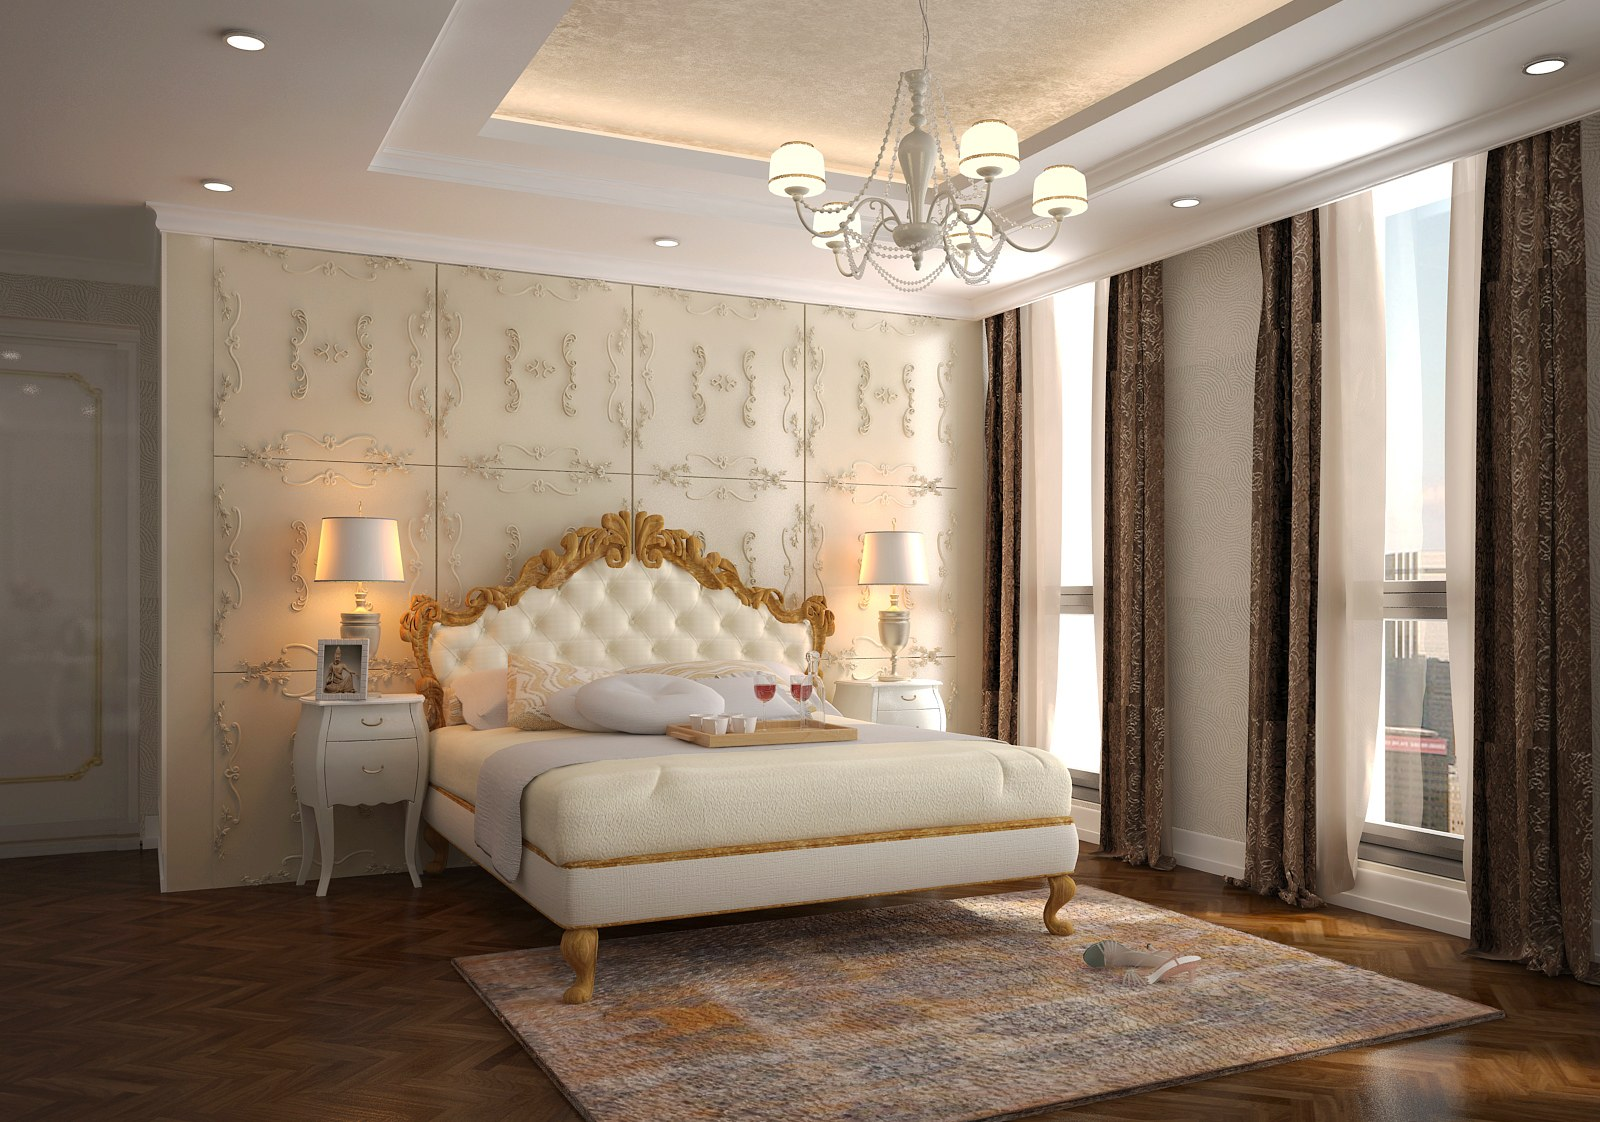 Phòng ngủ chung cư master thoáng rộng và tinh tế